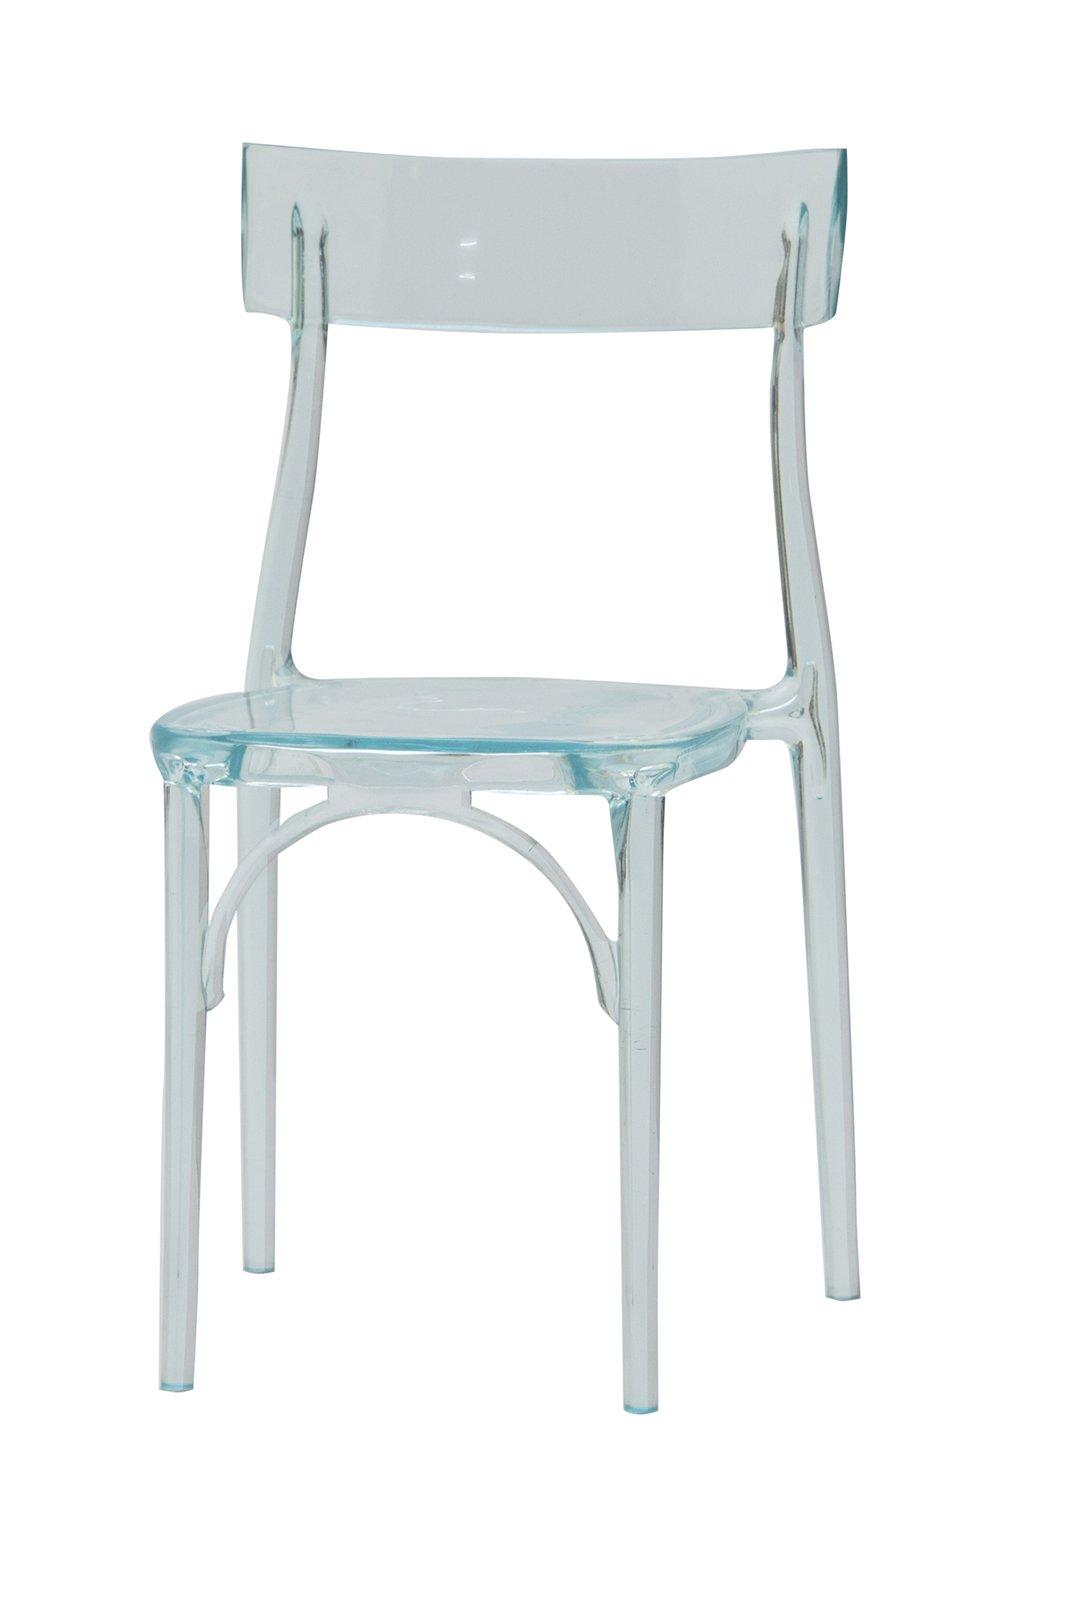 Sedie Di Plastica Trasparenti : Sedie plastica trasparente sedia in plastica trasparente igloo